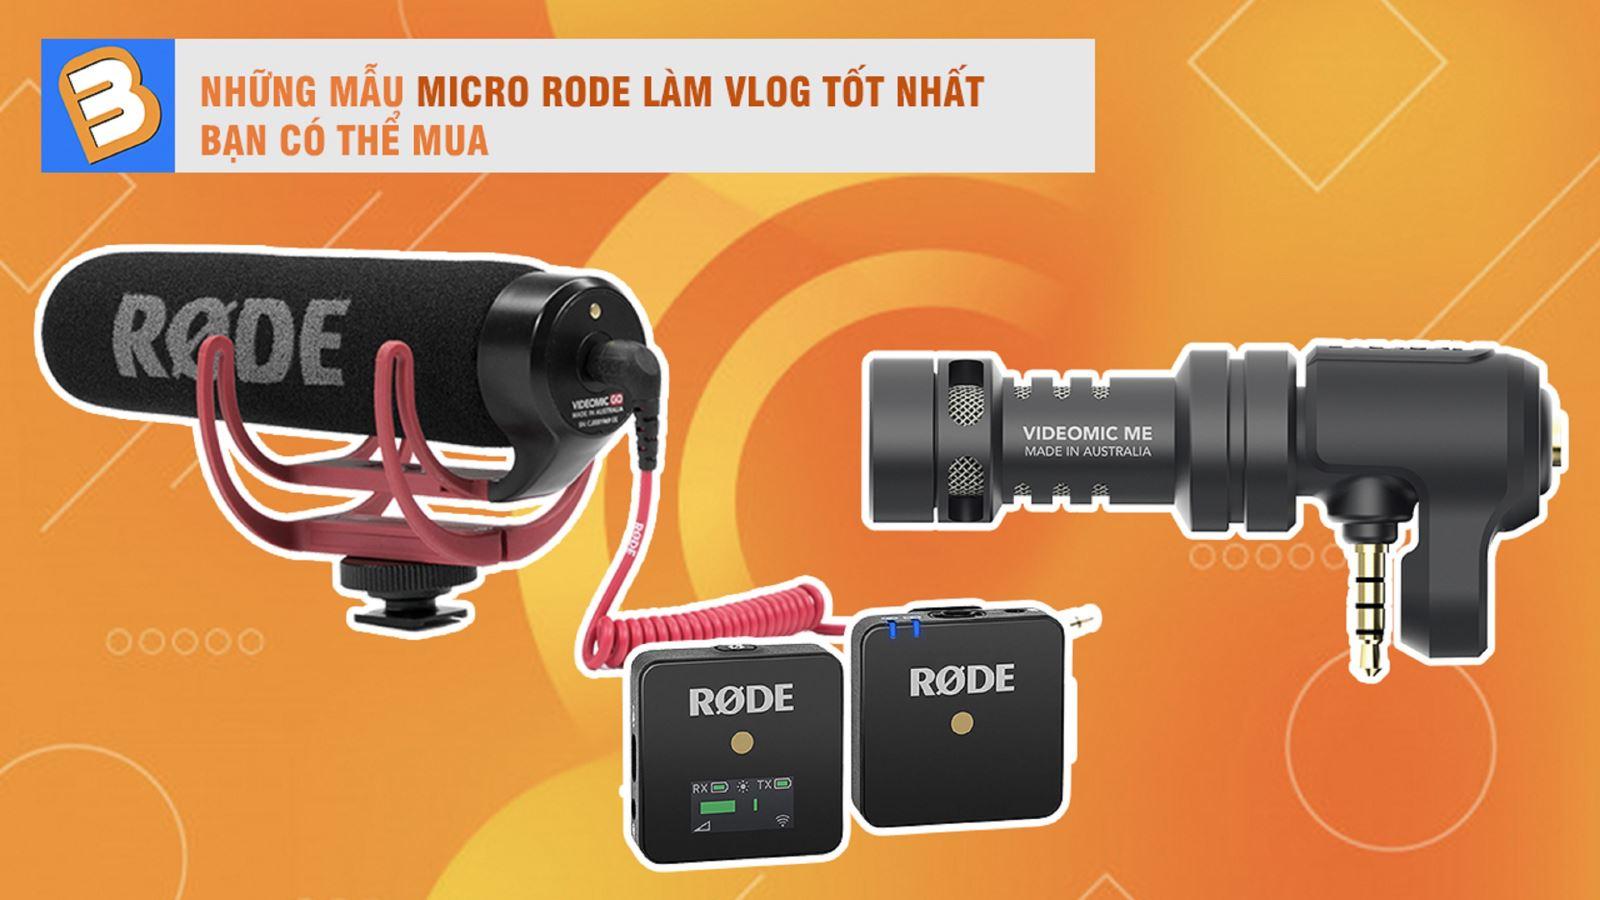 Những mẫu micro Rode làm Vlog tốt nhất bạn có thể mua